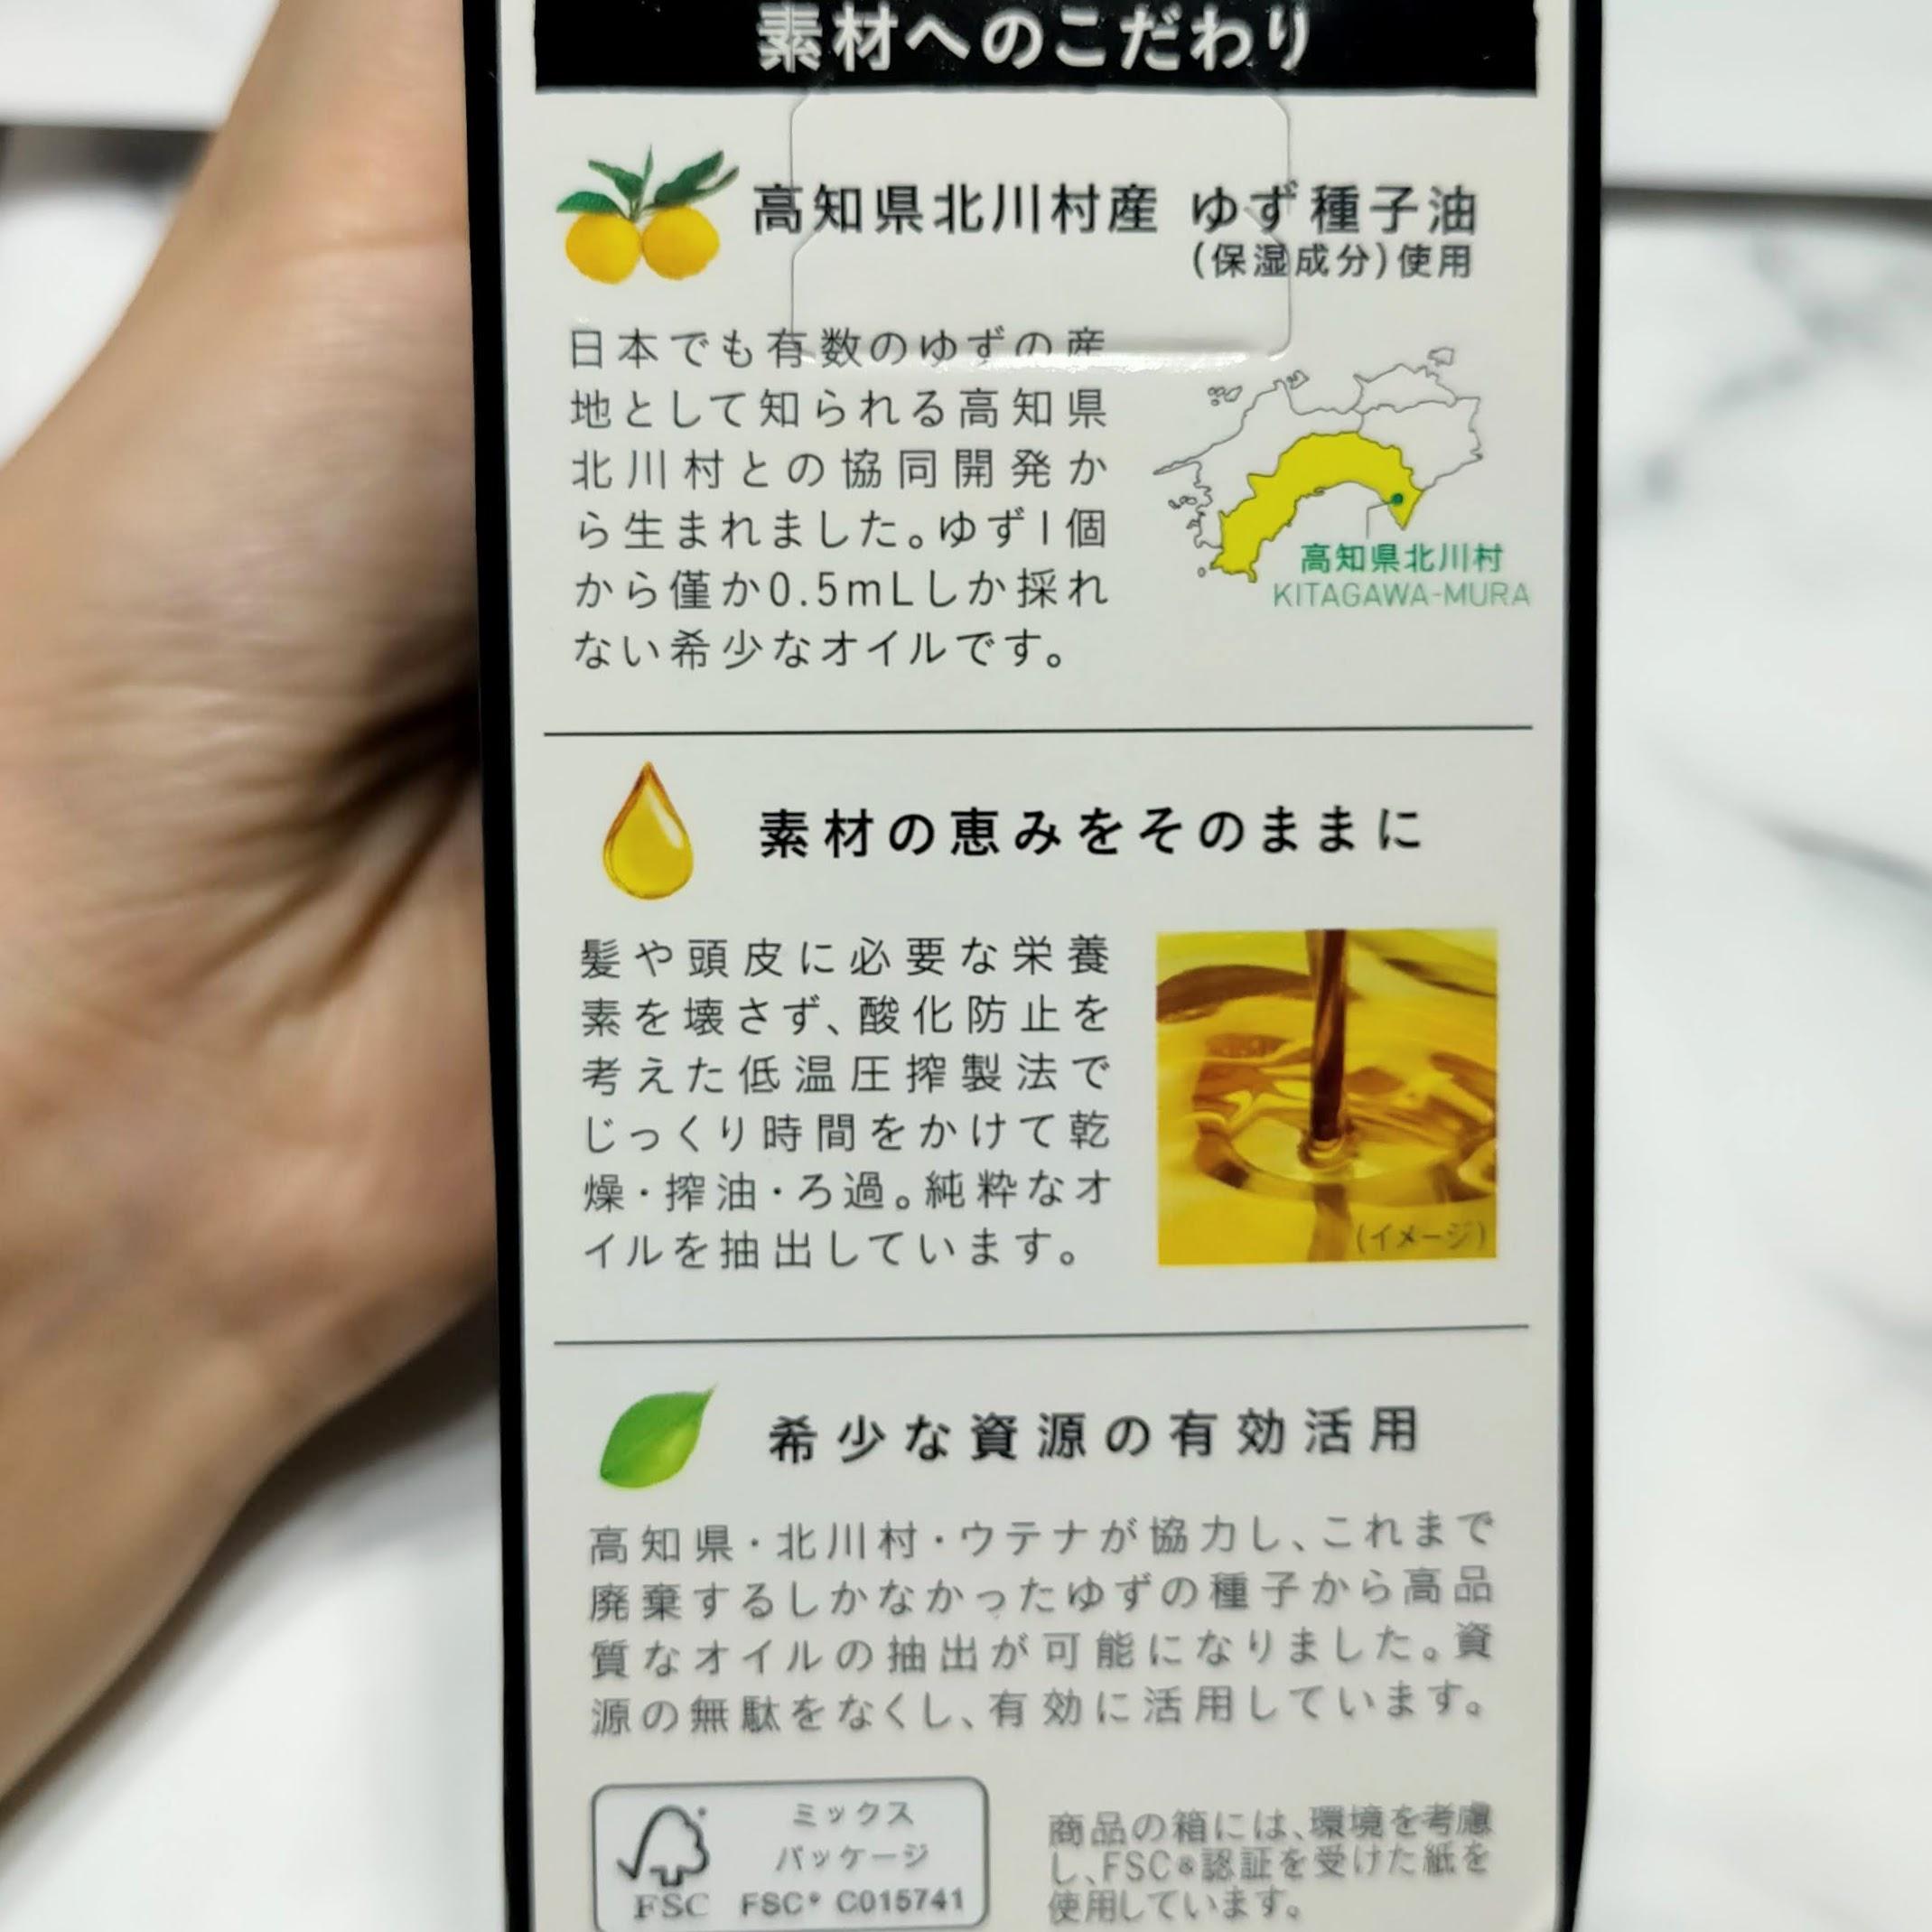 ゆず油 ヘアオイルの良い点・メリットに関するむぅさんの口コミ画像3